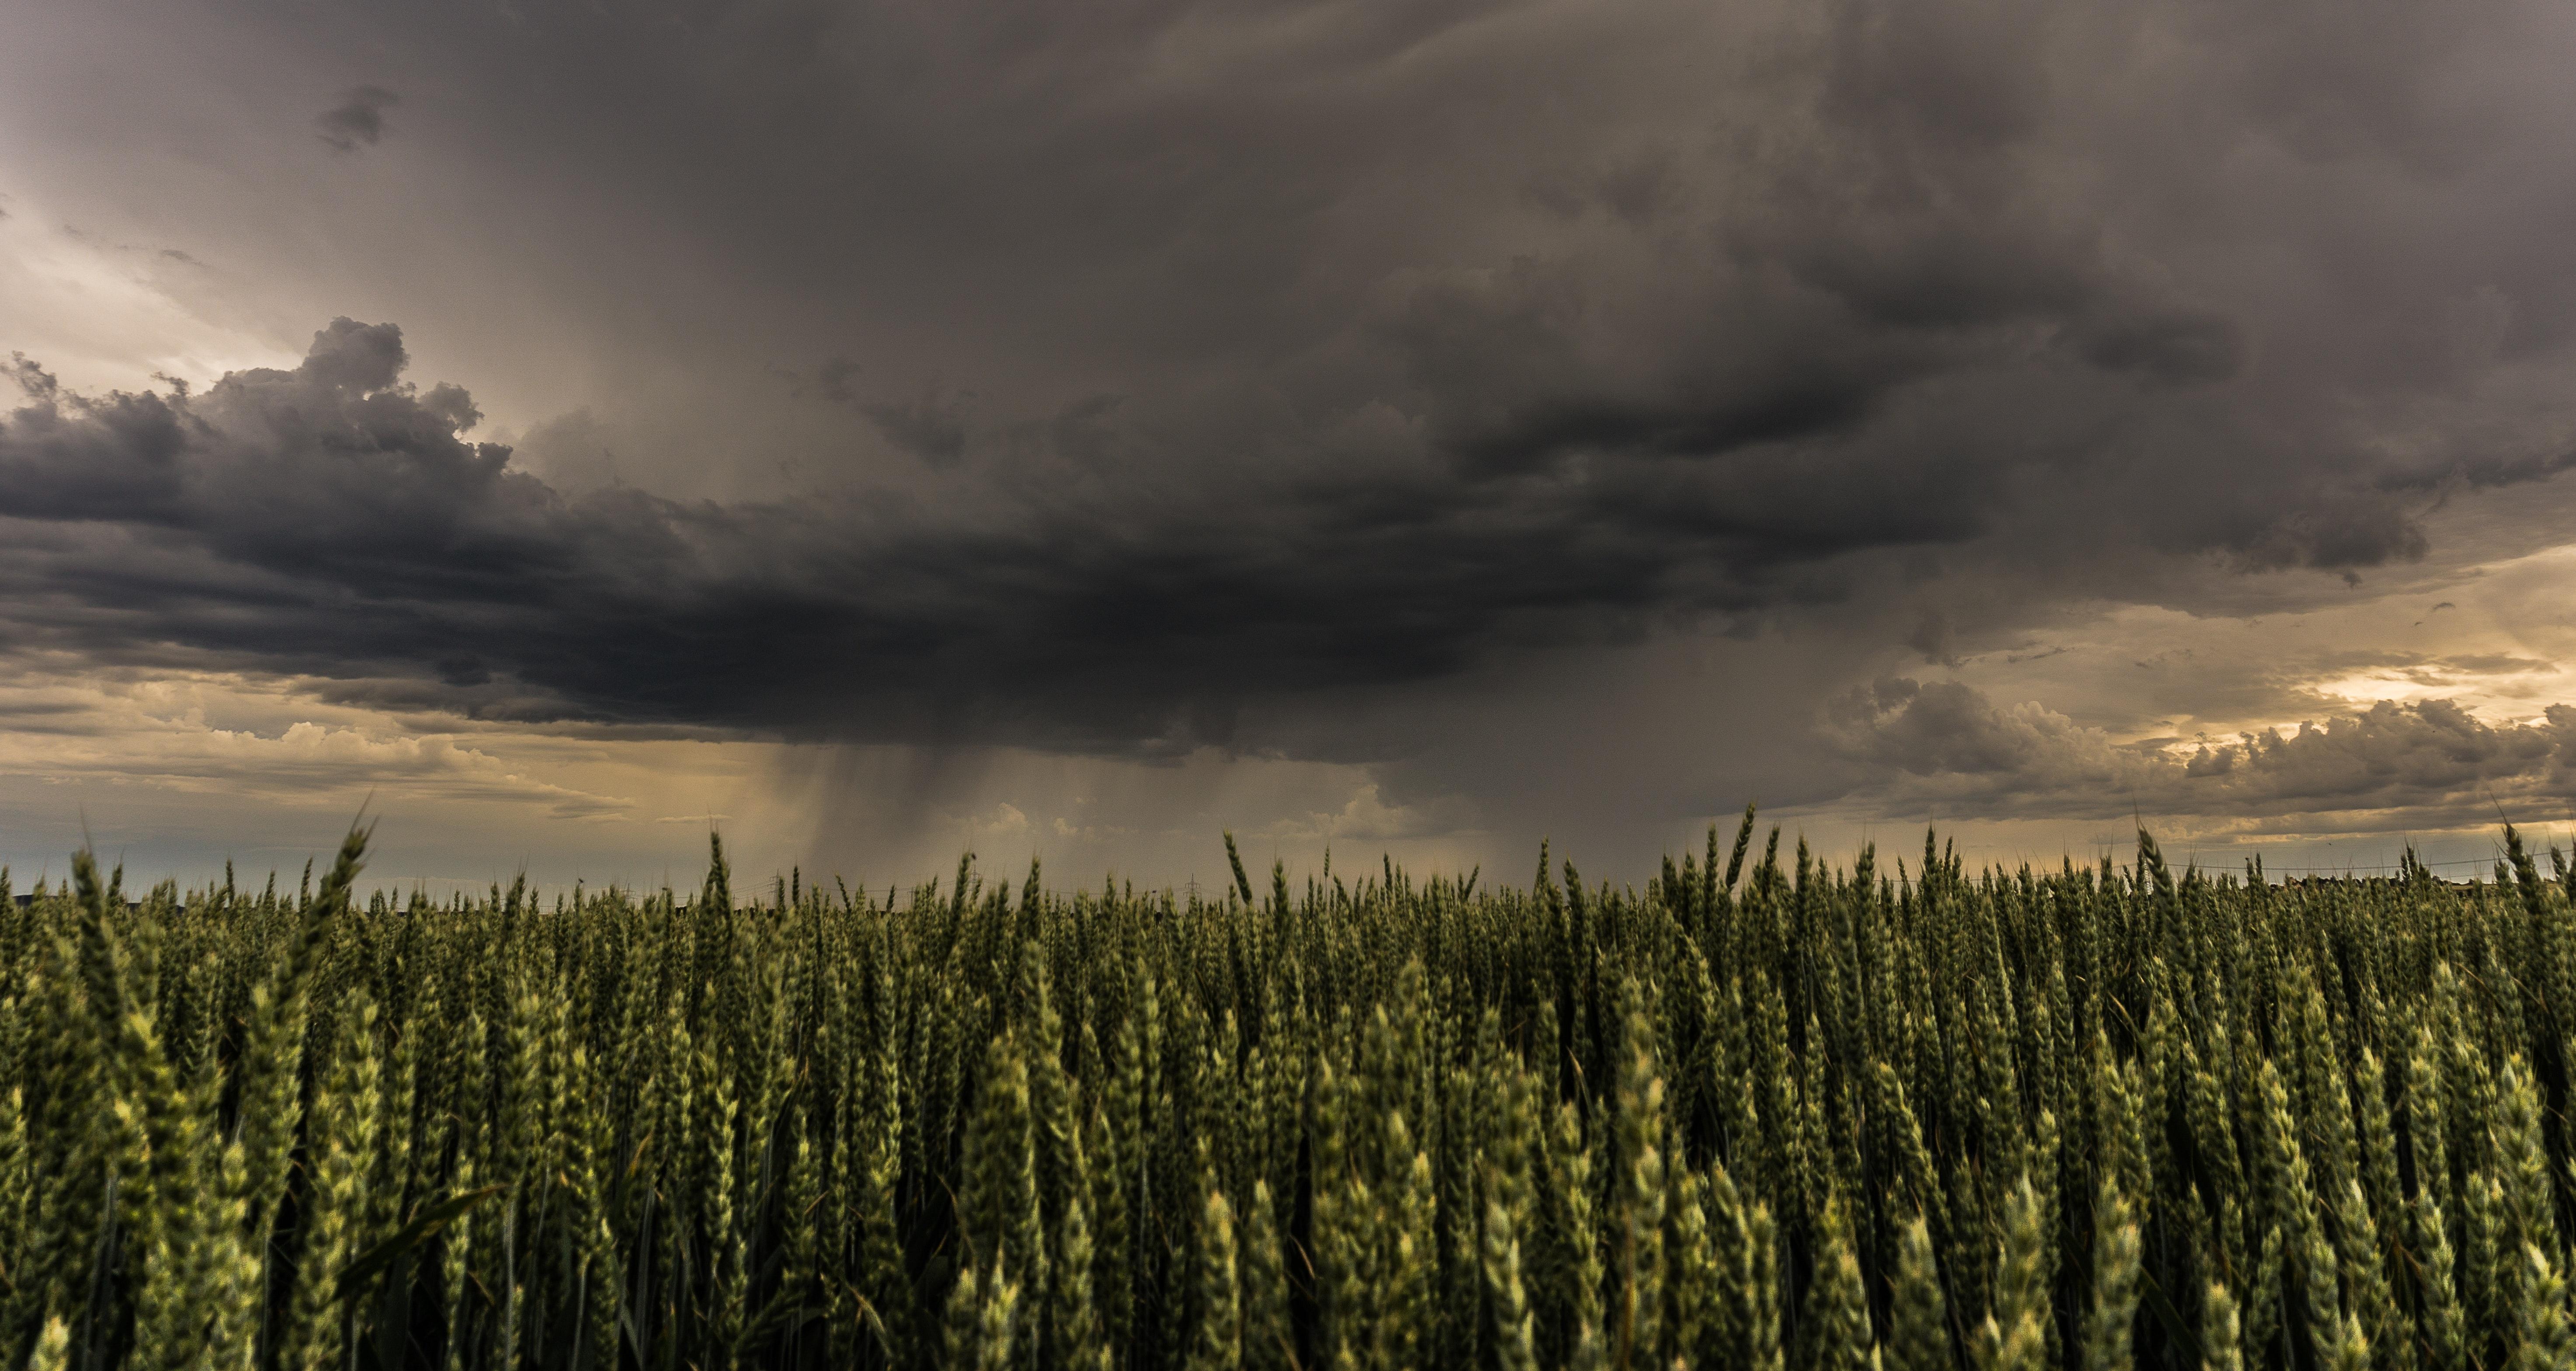 250  engaging storm photos  u00b7 pexels  u00b7 free stock photos